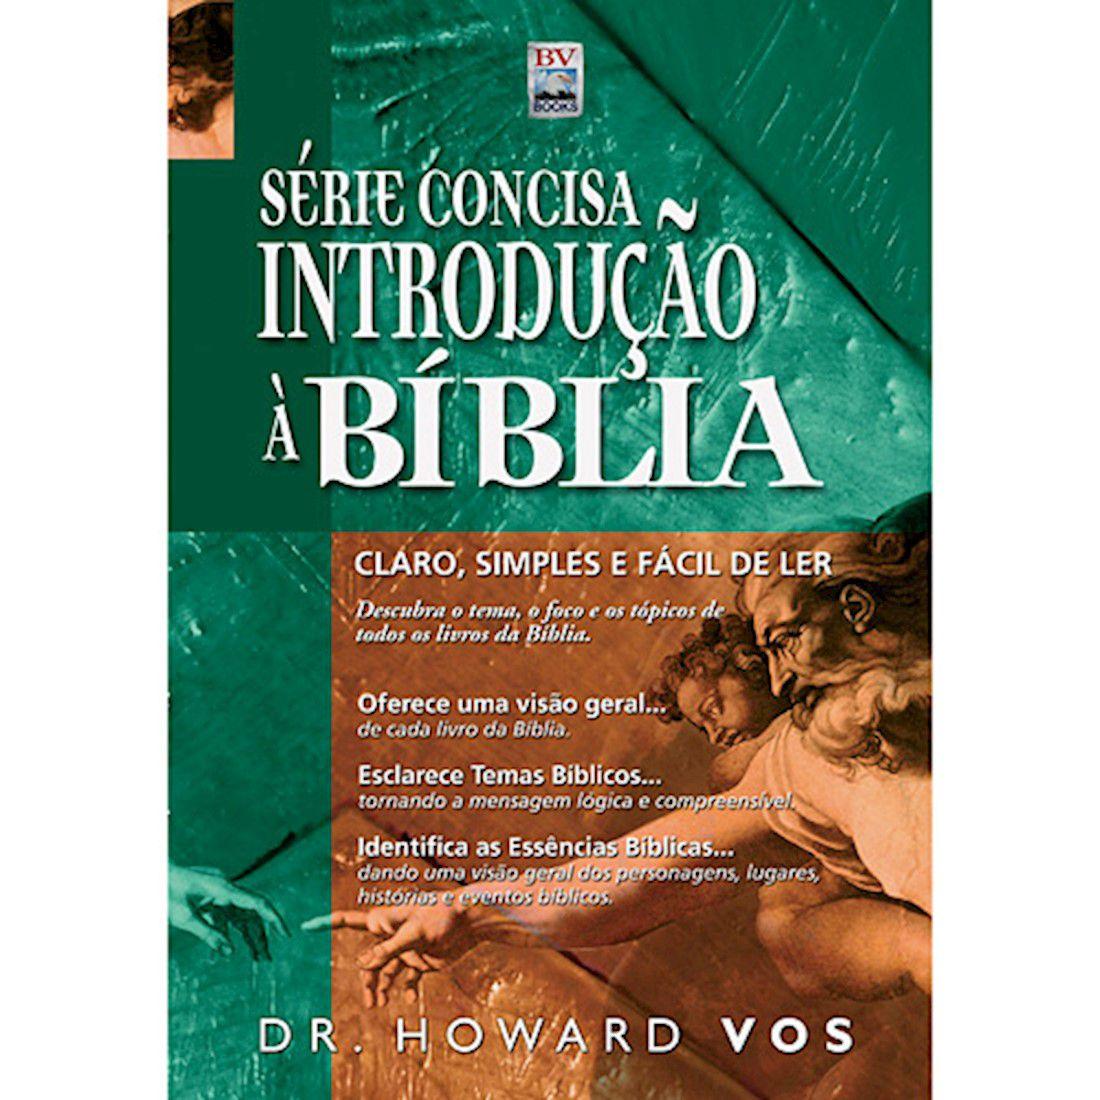 Livro Série Concisa: Introdução à Bíblia